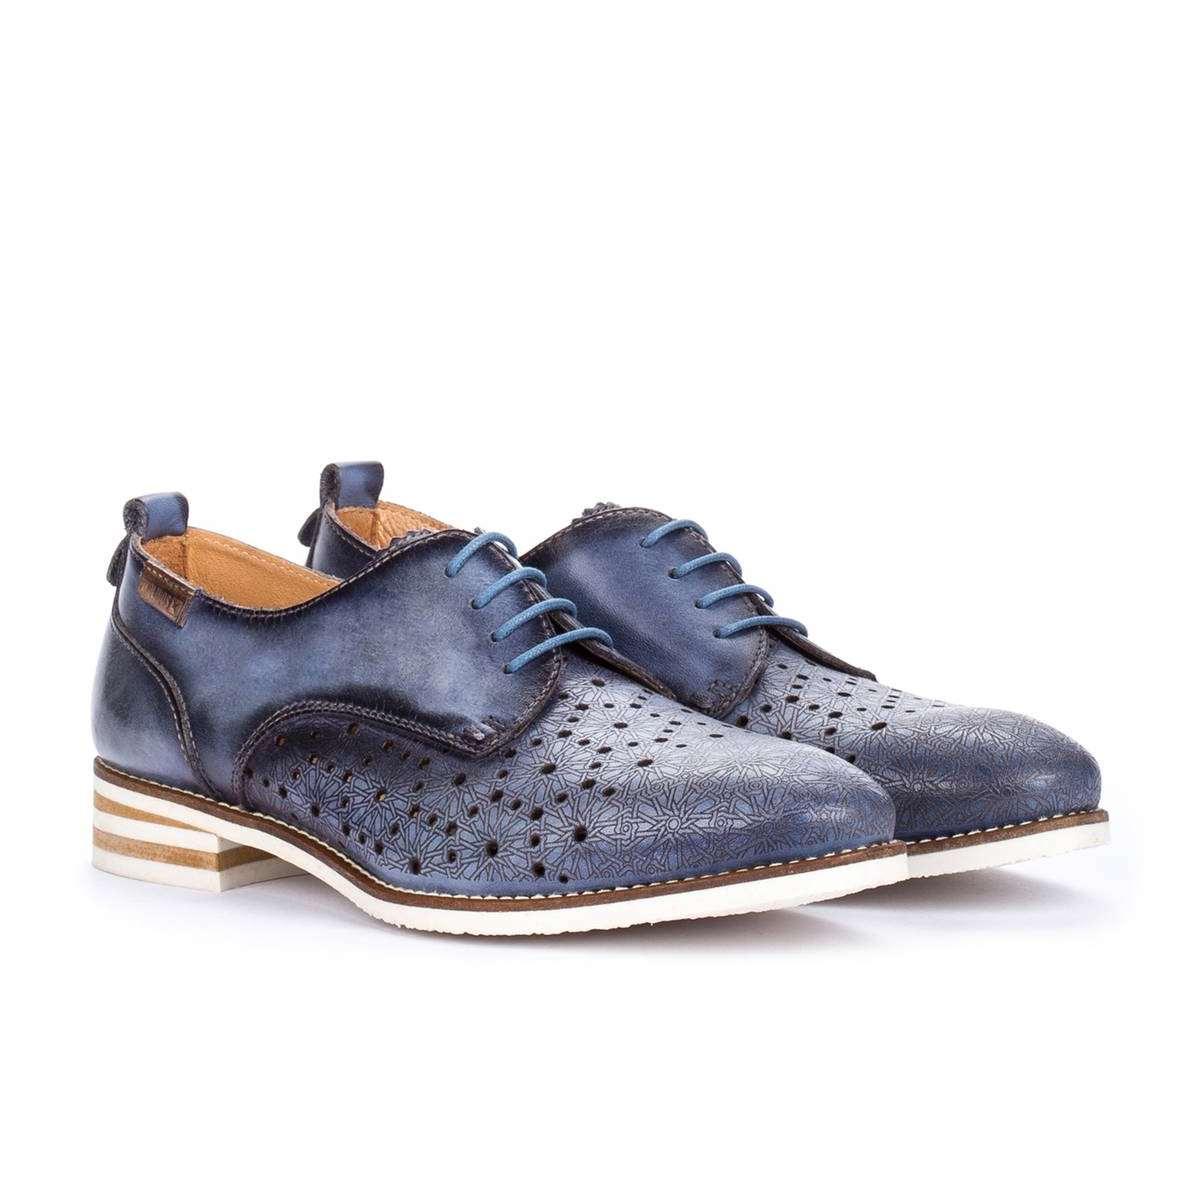 Pikolinos Women Royal Economical, stylish, and eye-catching shoes